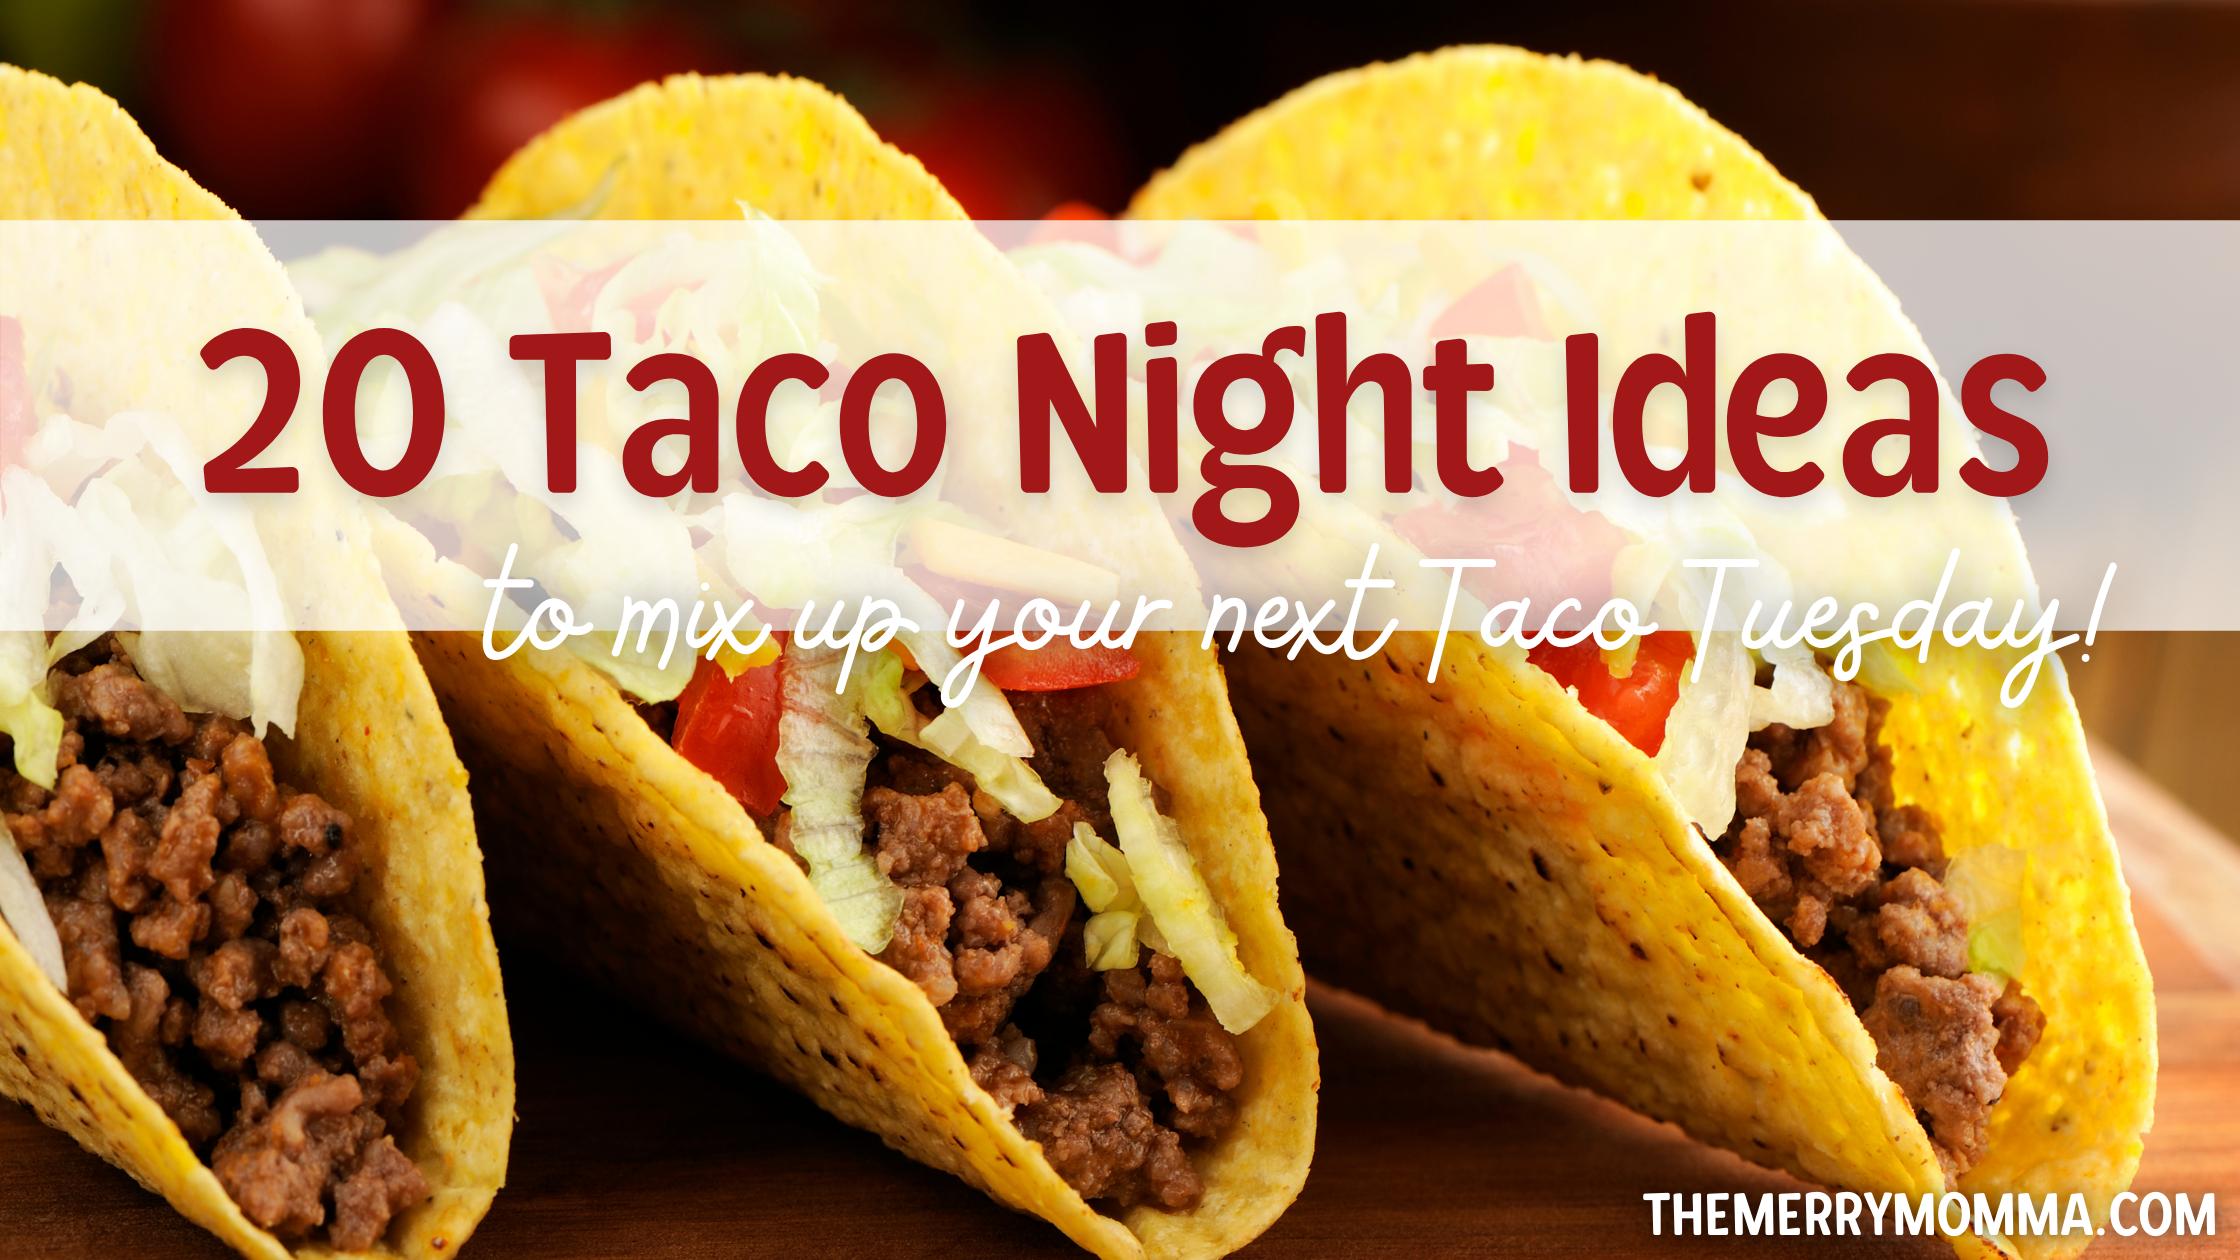 20 Taco Night Ideas | The Merry Momma